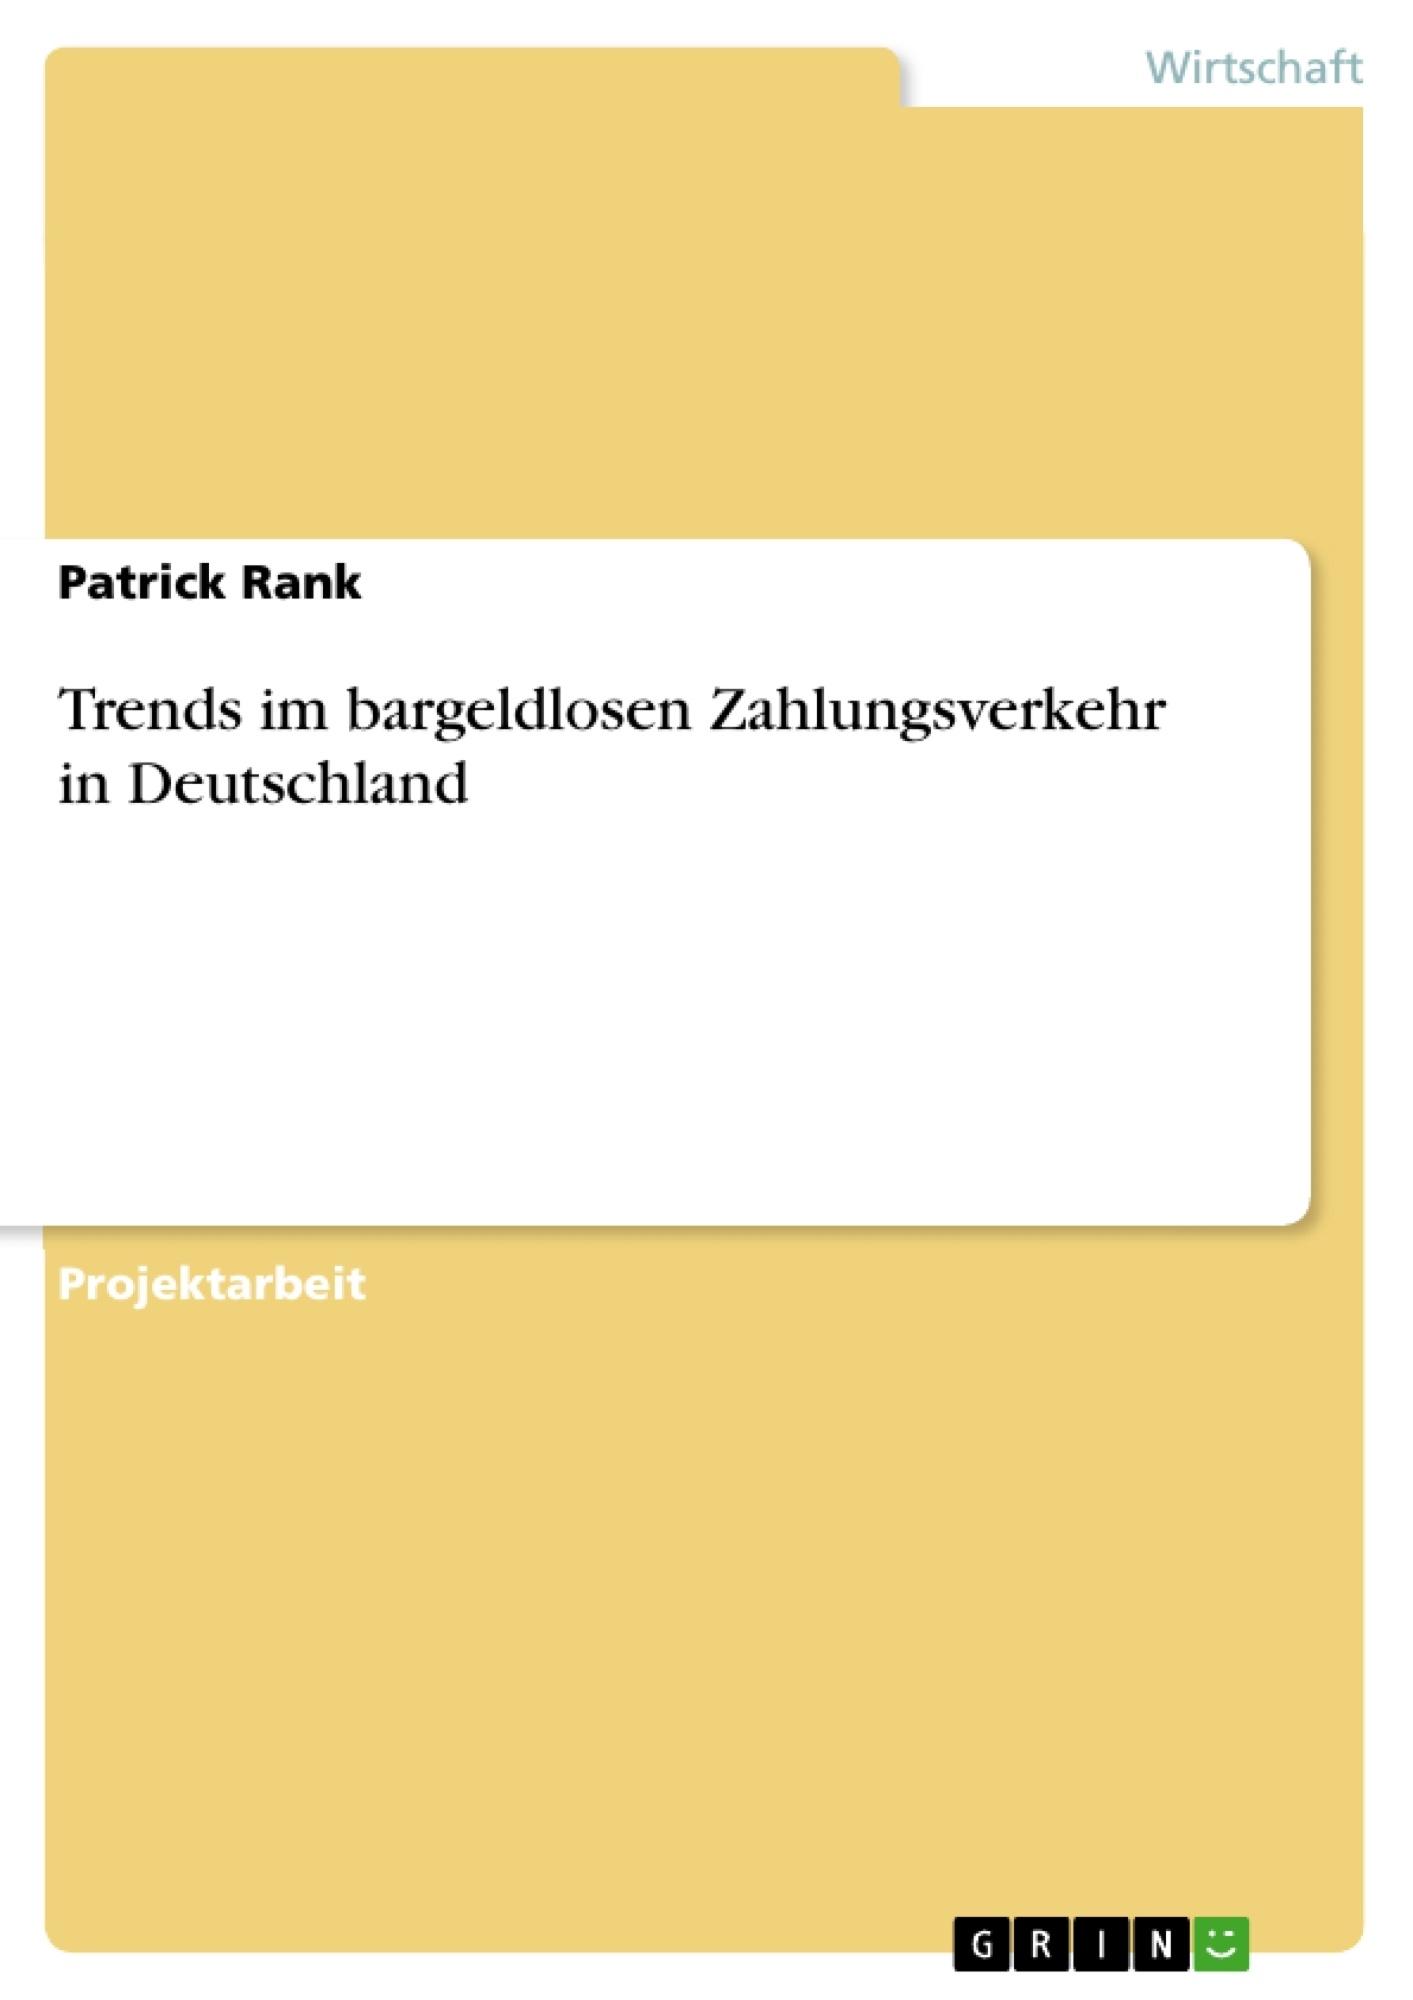 Titel: Trends im bargeldlosen Zahlungsverkehr in Deutschland